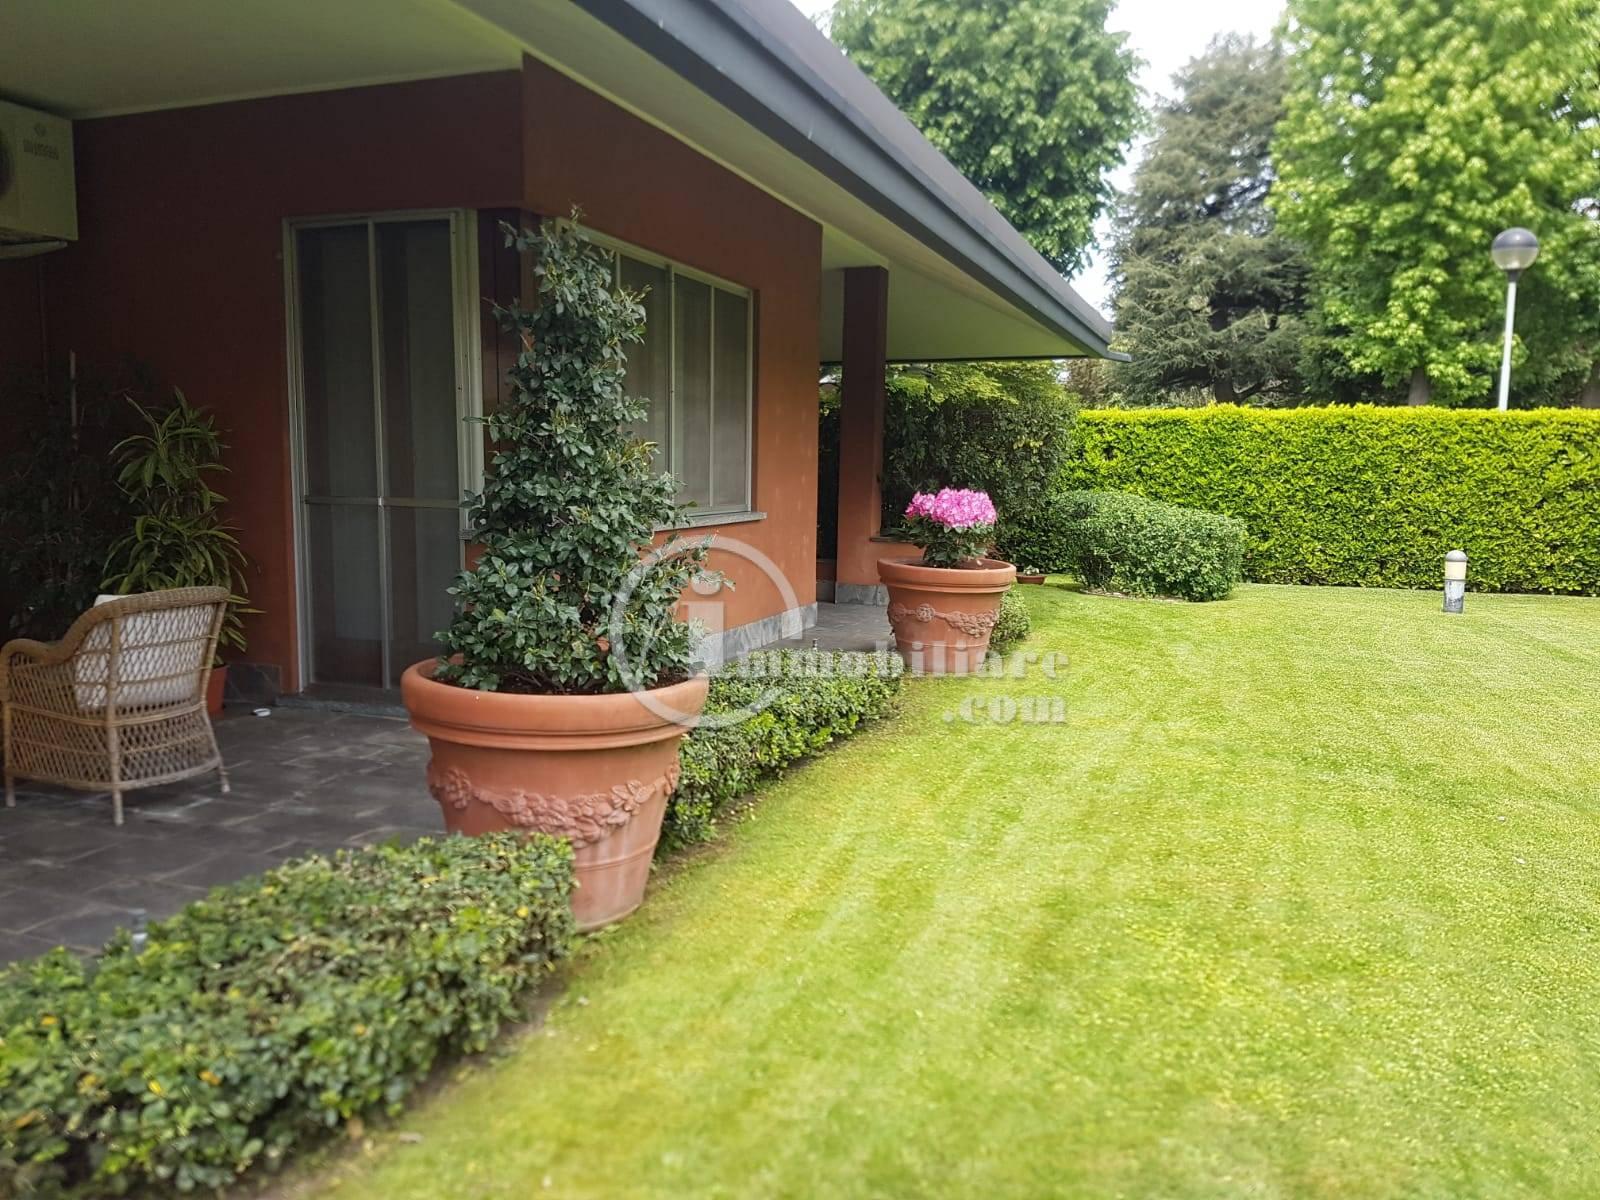 Villa in Vendita a Trezzano Sul Naviglio: 5 locali, 280 mq - Foto 12